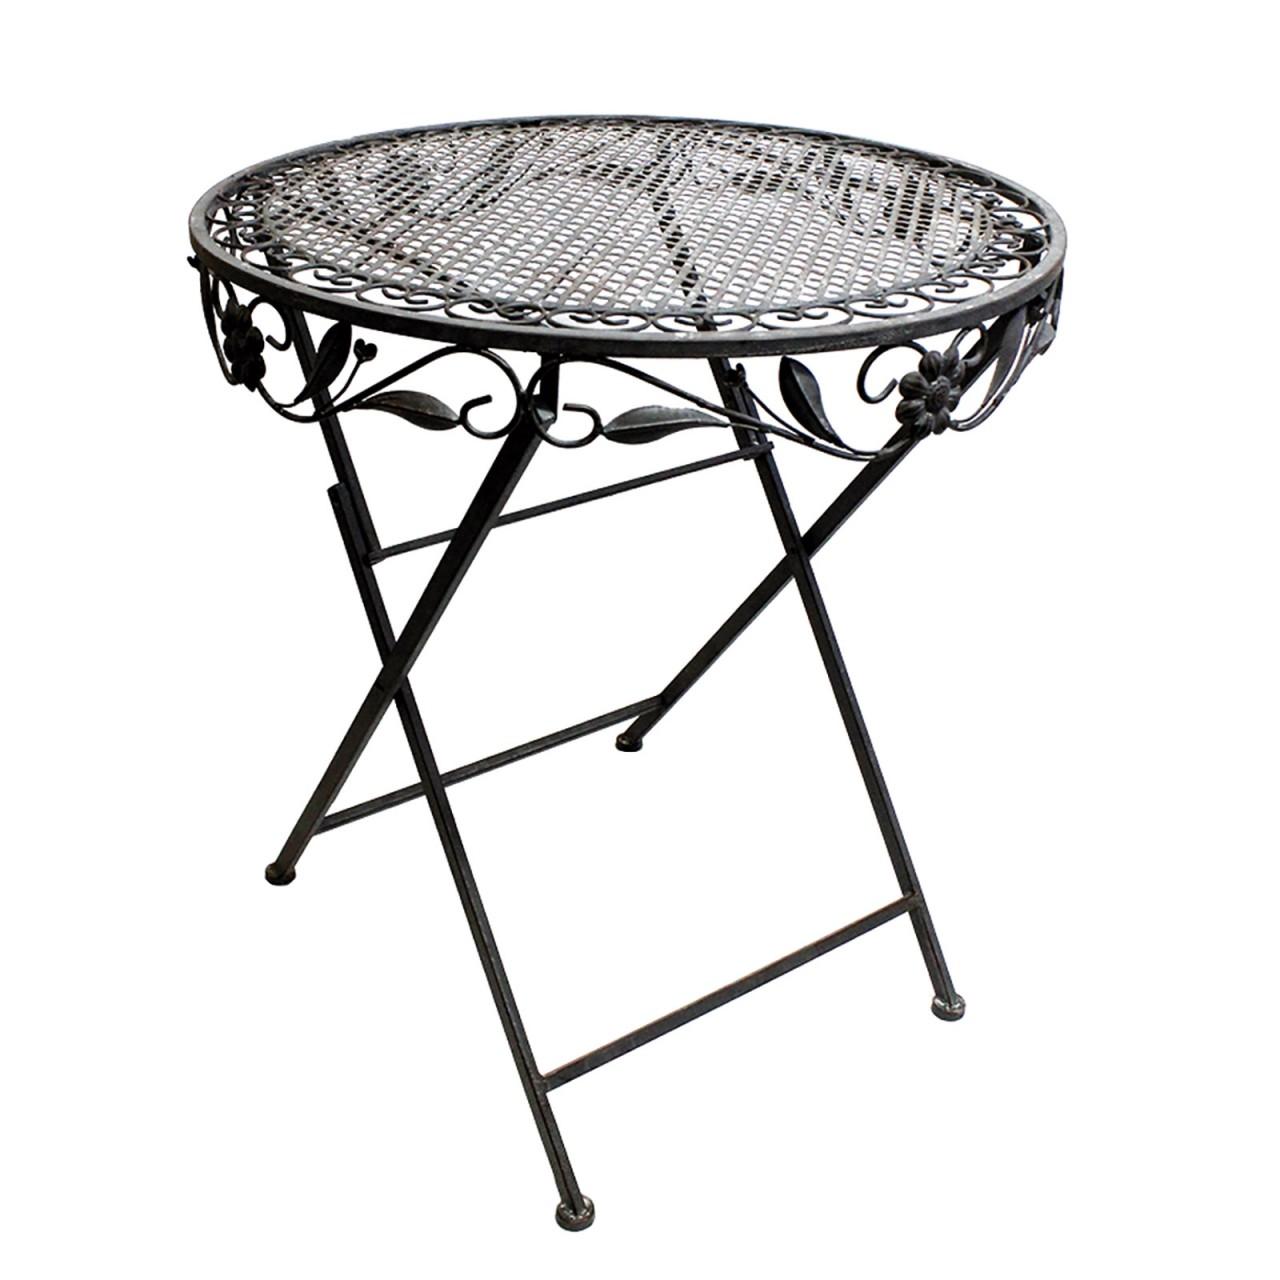 Lex terrazze Set in ferro composto da 1 tavolo e 2 Sedie In Grigio Antico